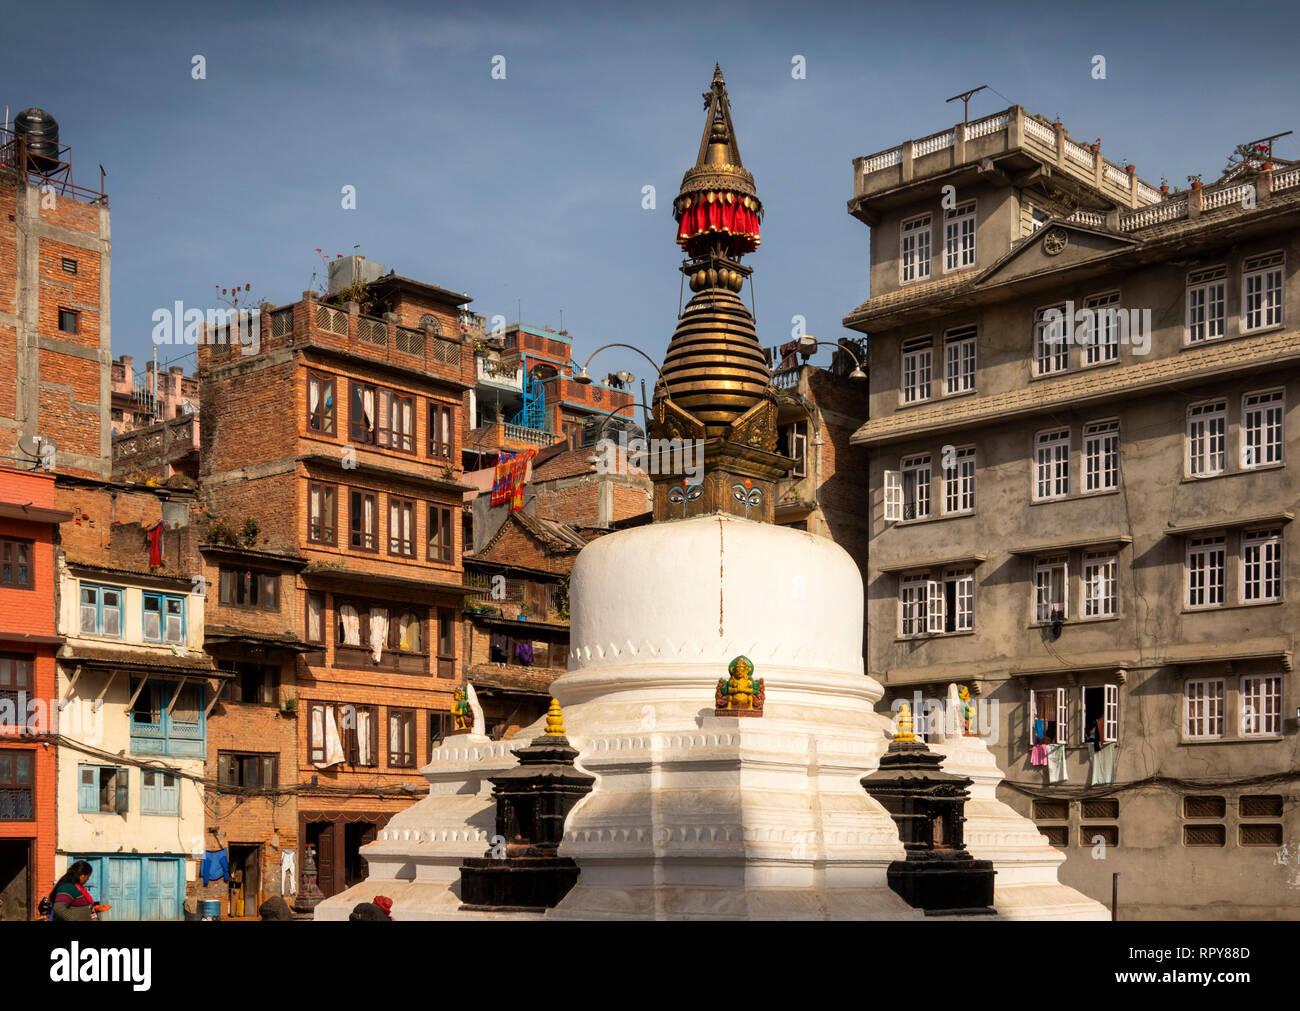 Nepal, Kathmandu, city centre,Yatkha Bahal, Kathesimbhu Stupa, surrounded by tall modern buildings - Stock Image